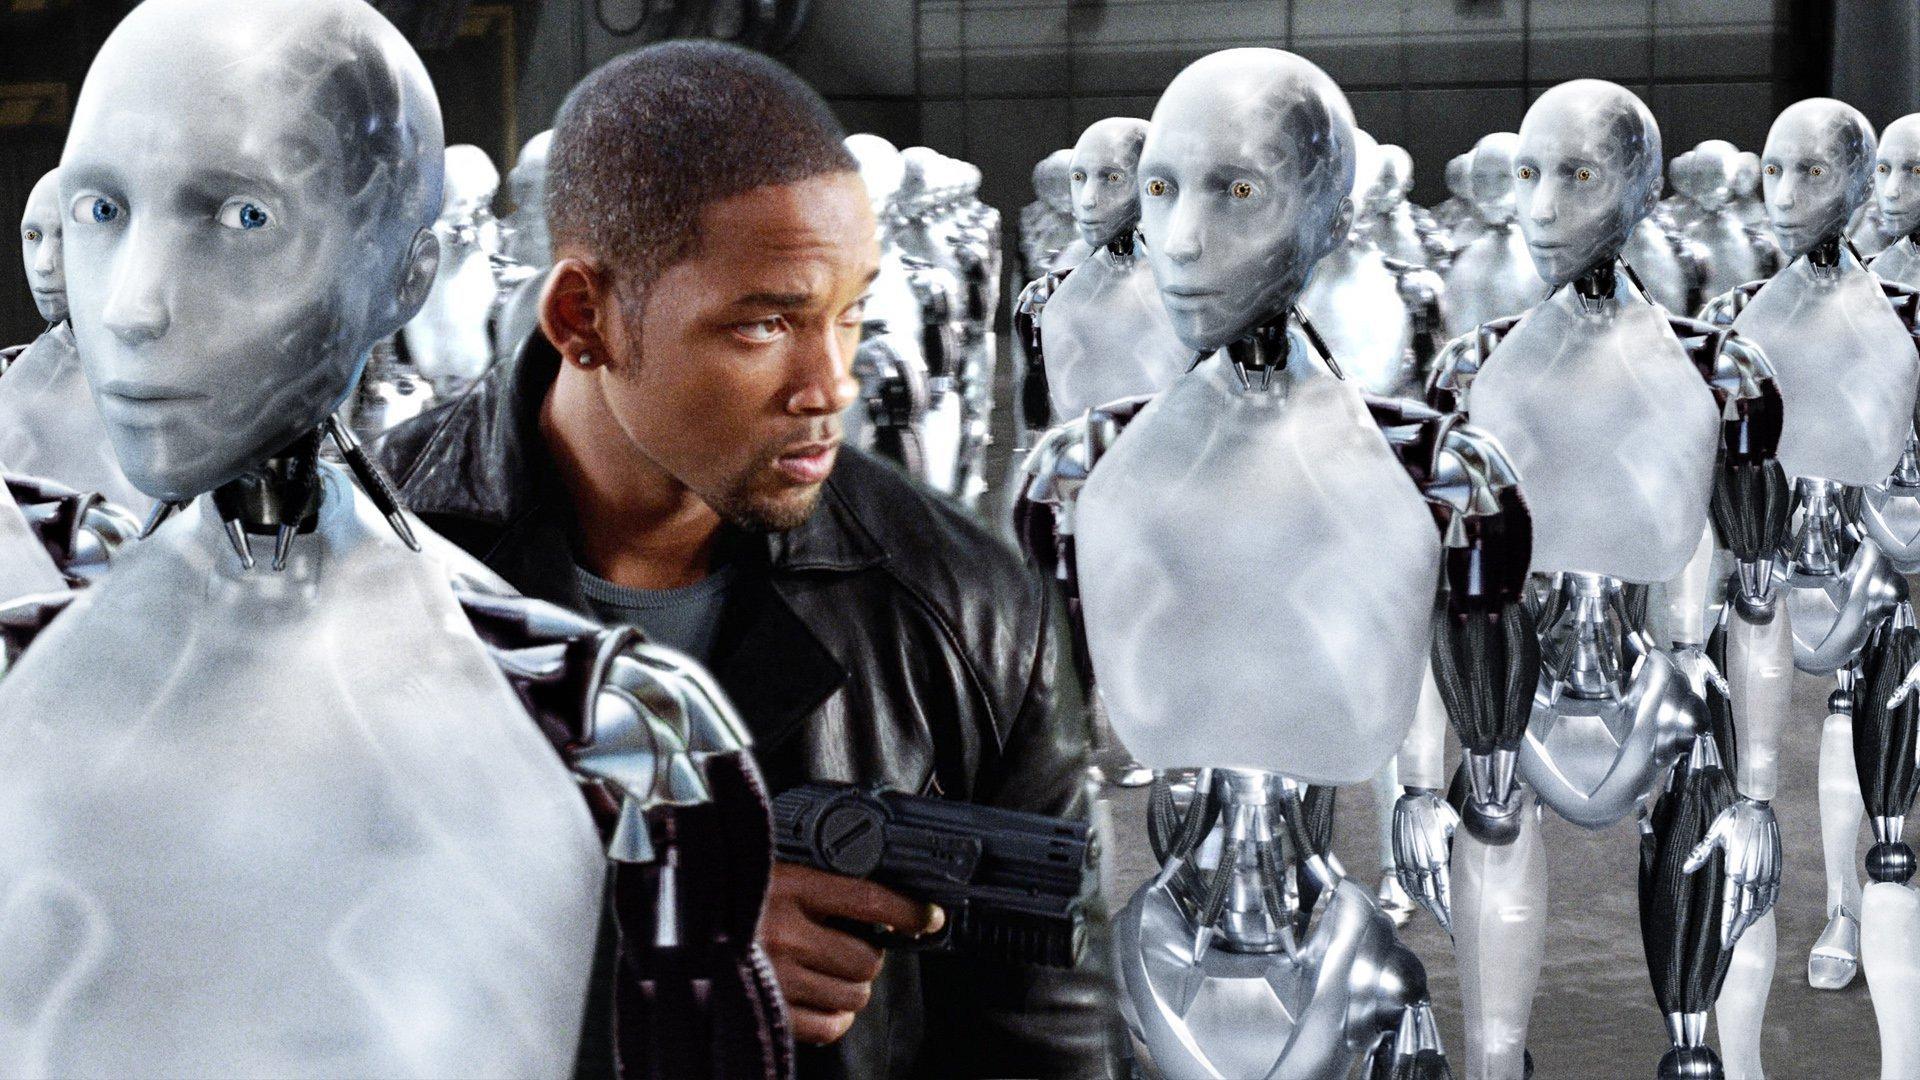 Я должен знать, о чём ты думаешь: прозрачность мышления ИИ как необходимое условие - 3